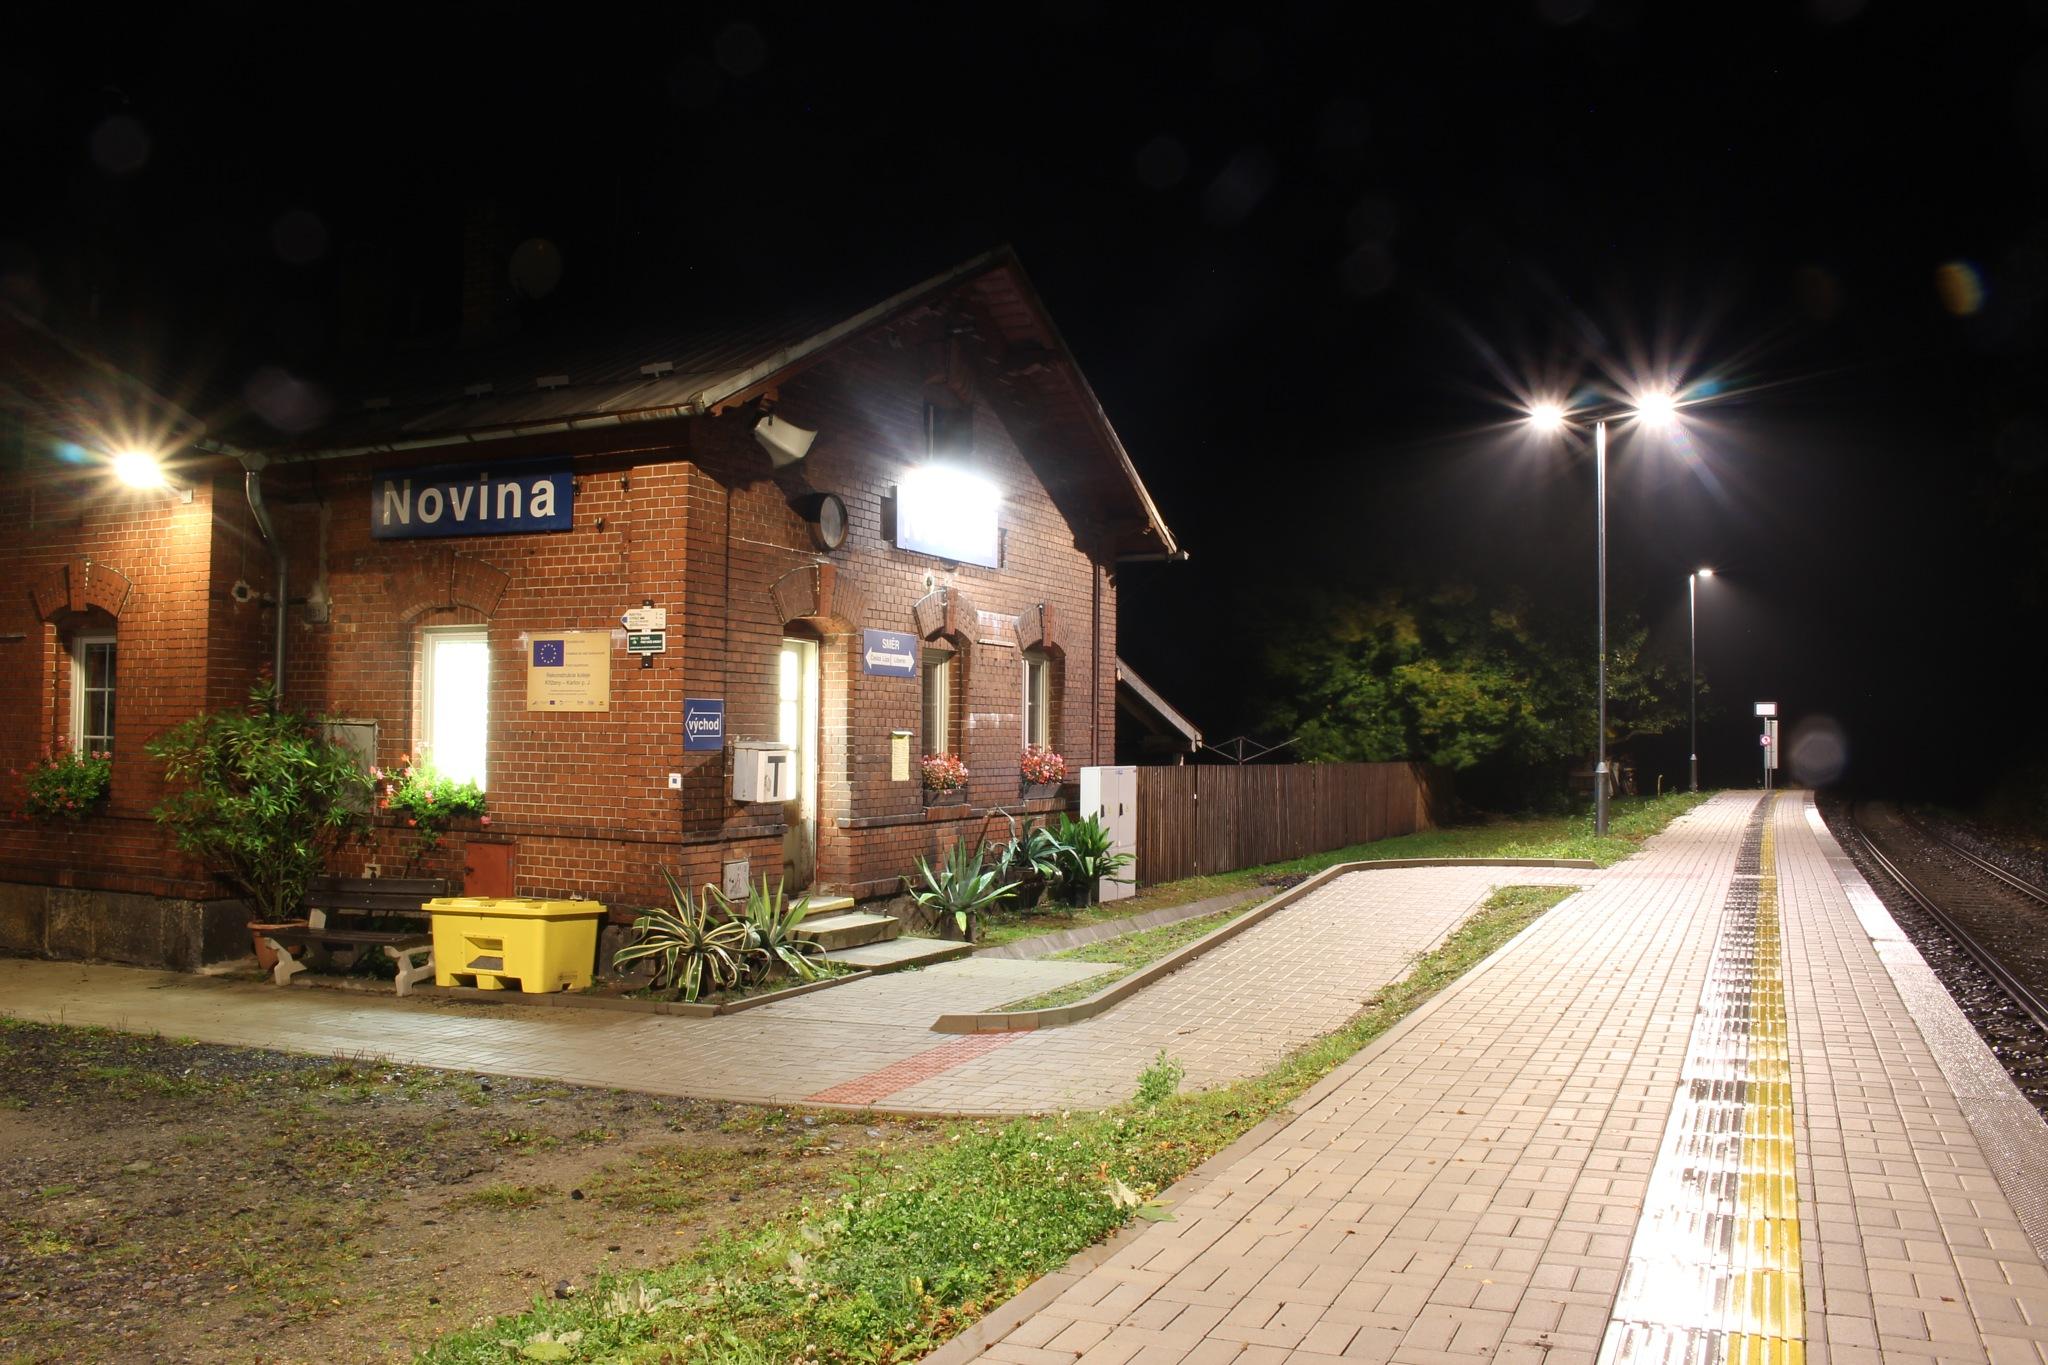 Novina train station by Petr Poláček